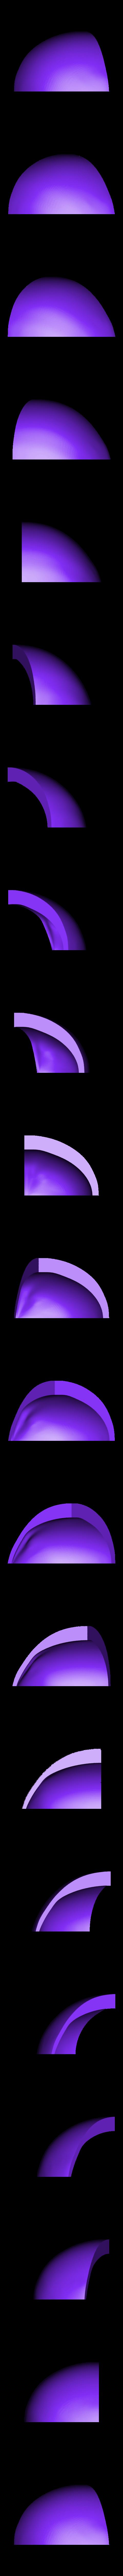 Part_1_v3.stl Download free STL file Sabine Wren Helmet Star Wars • Model to 3D print, VillainousPropShop